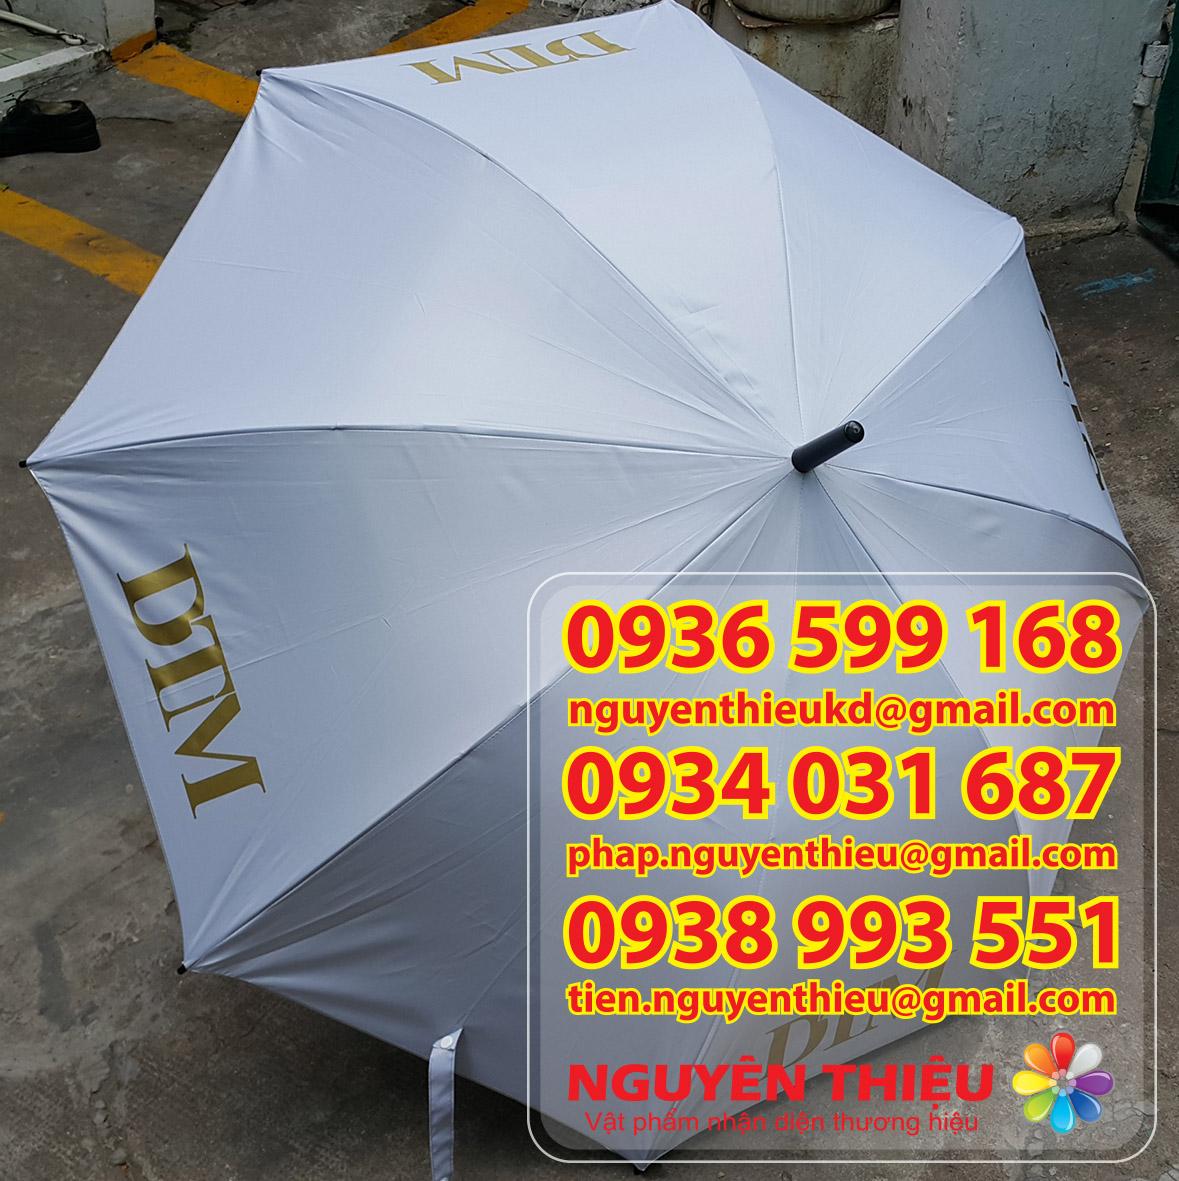 Cung cấp ô dù cầm tay in logo theo yêu cầu,  cung cấp ô dù cầm tay giá rẻ